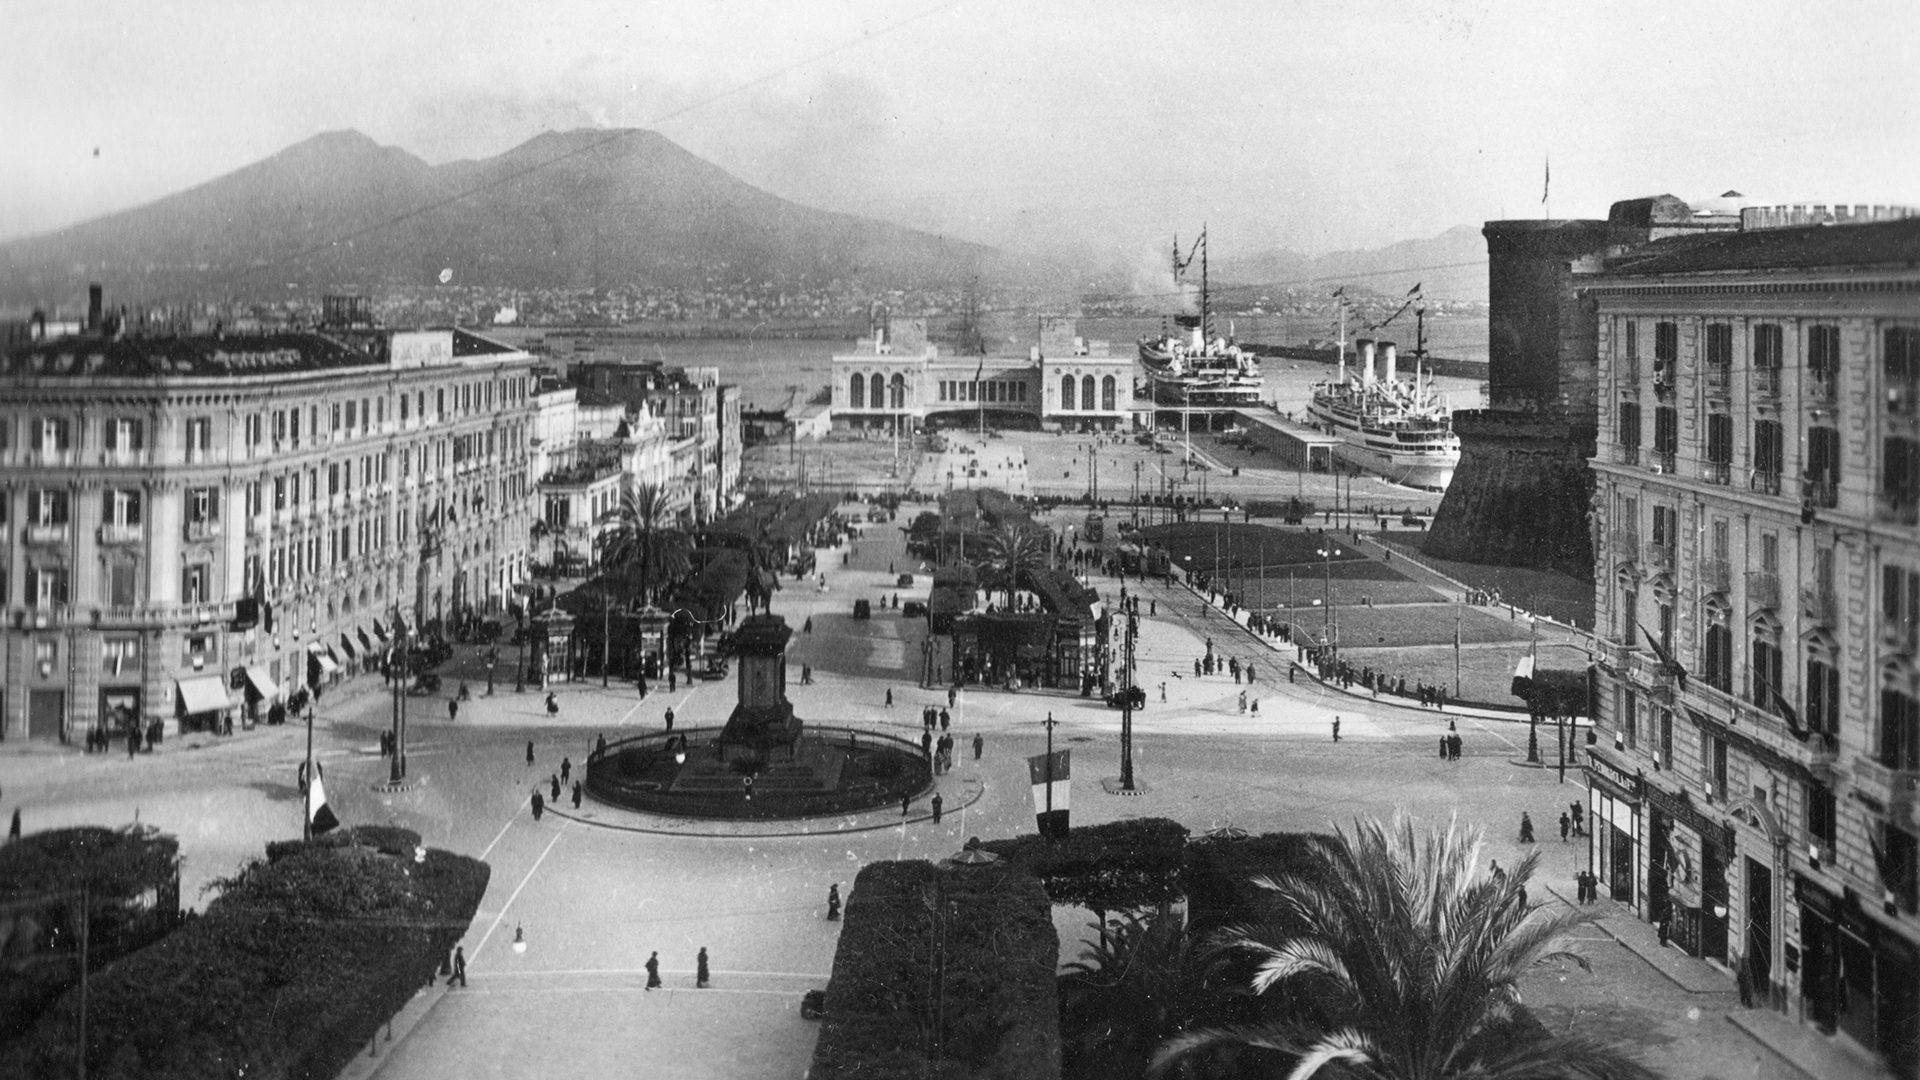 Piazza Municipio 1920x1080 - Búsqueda de los antepasados